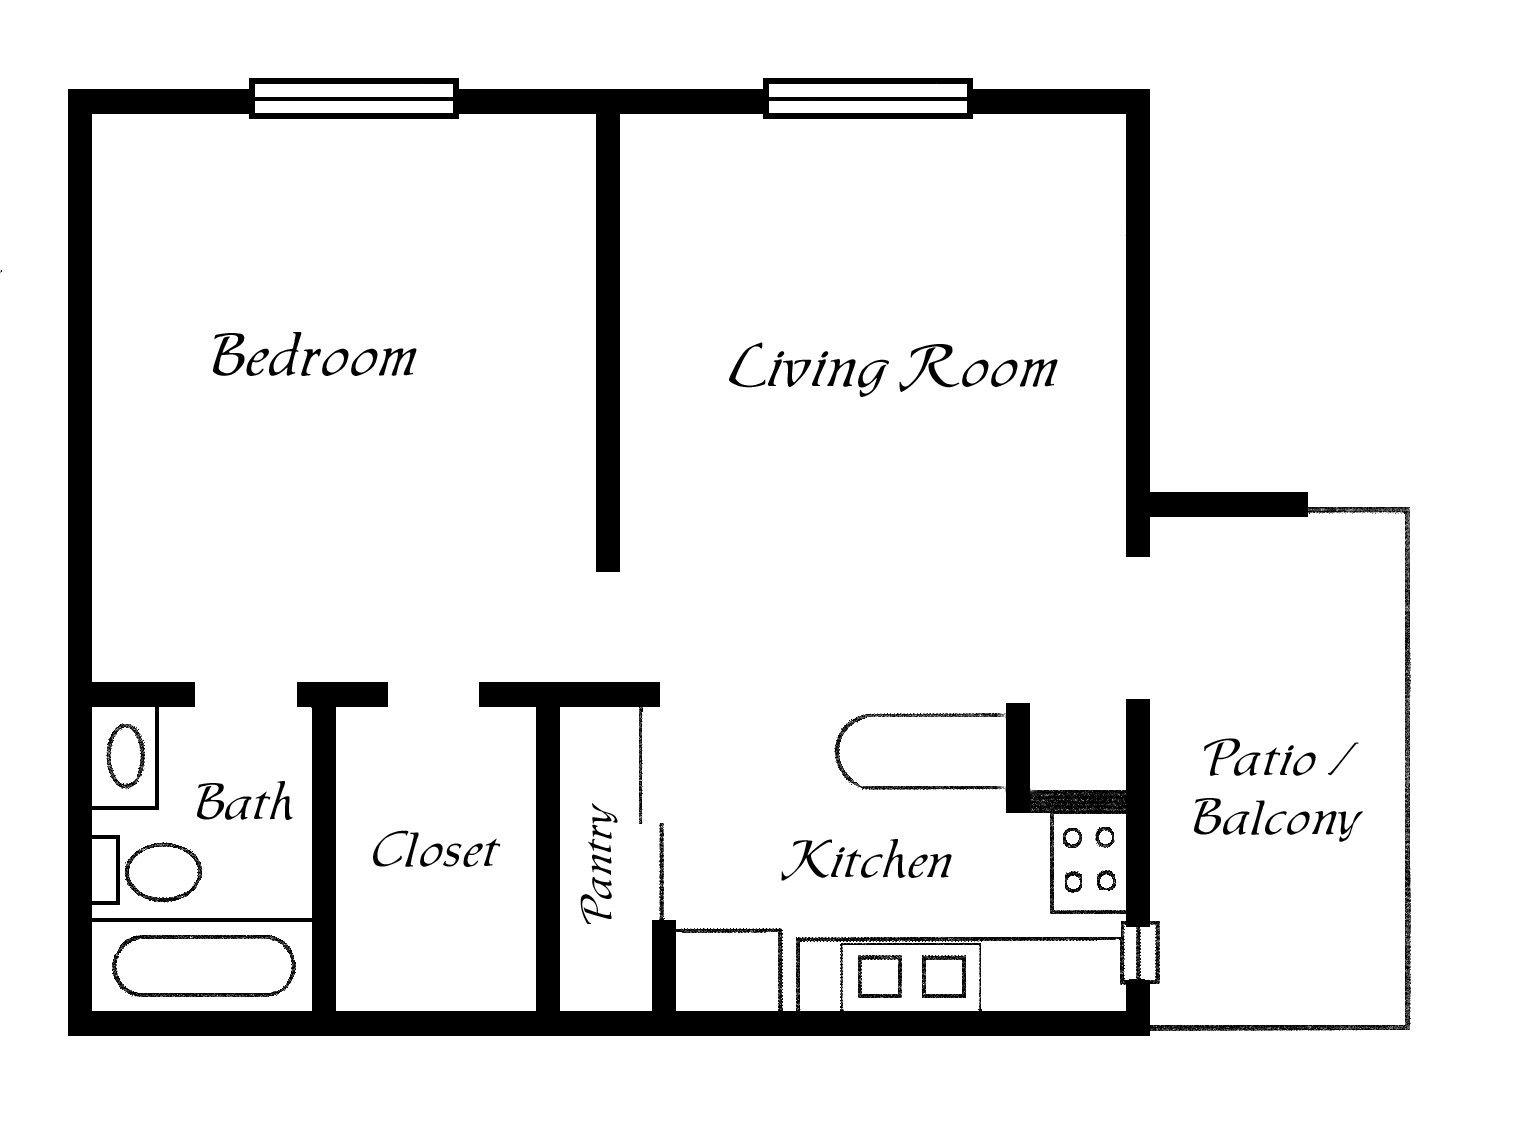 Basic Floor Plans For Homes